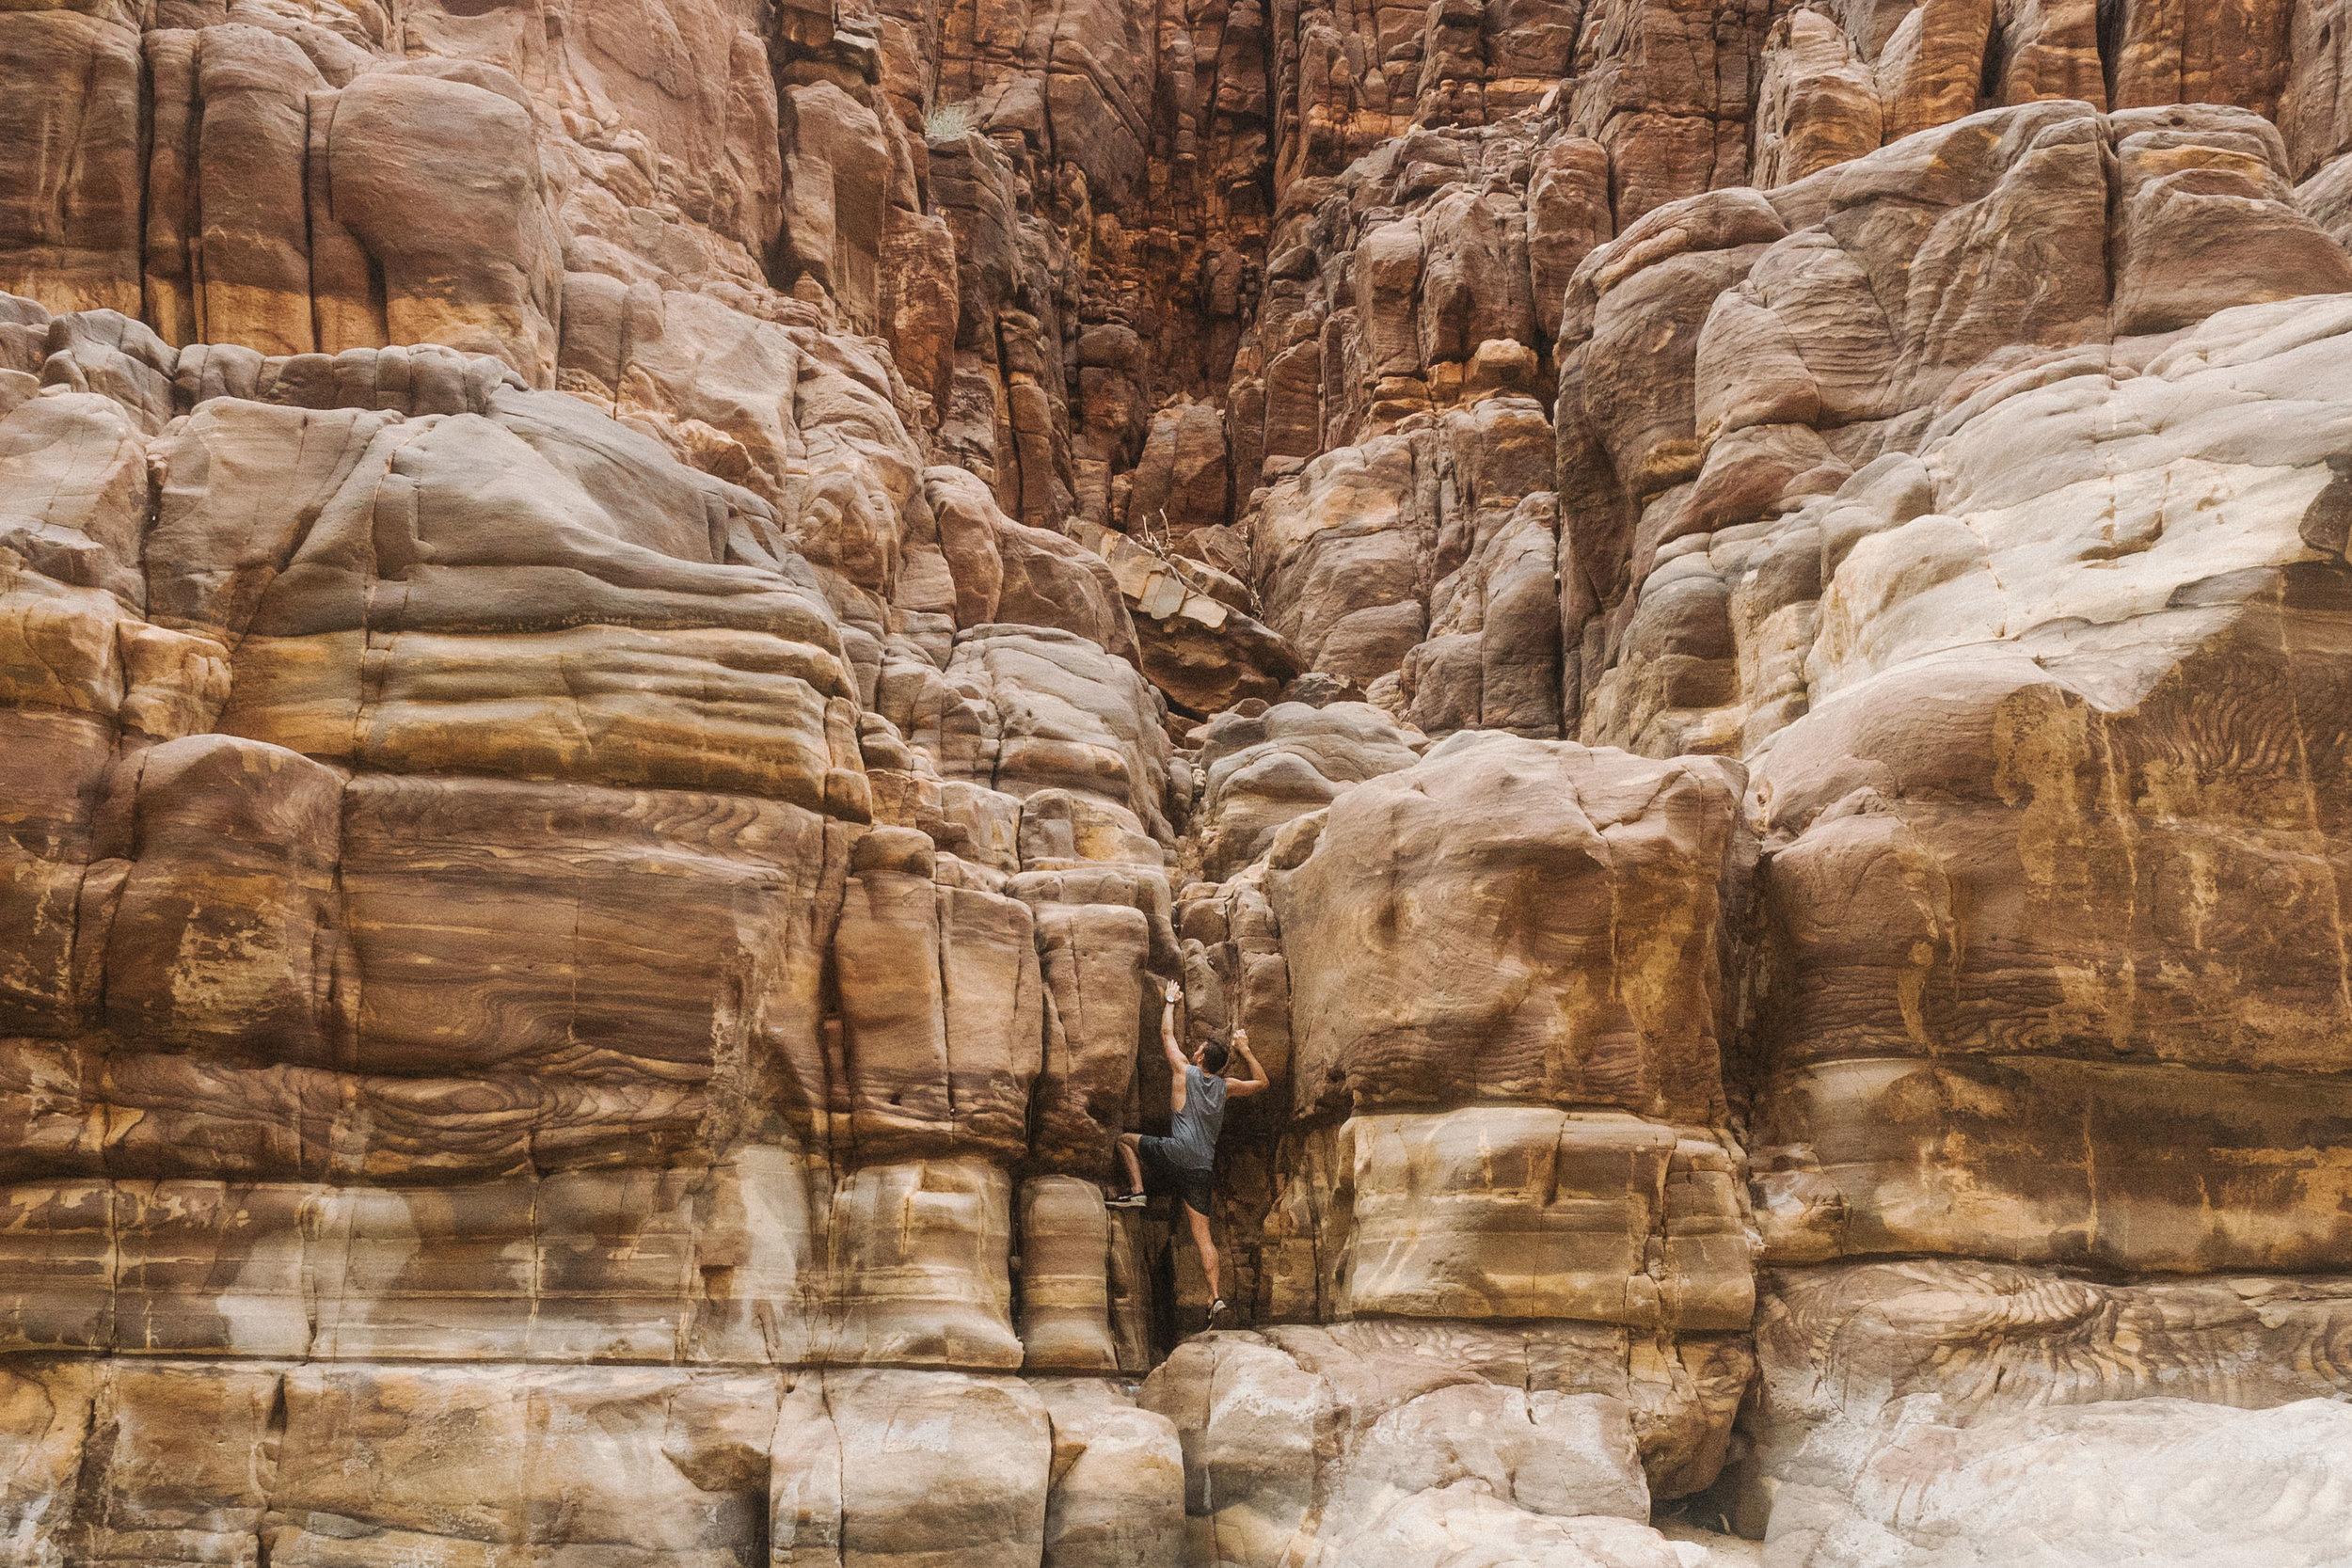 rock-climbing-wadi-mujib-jordan